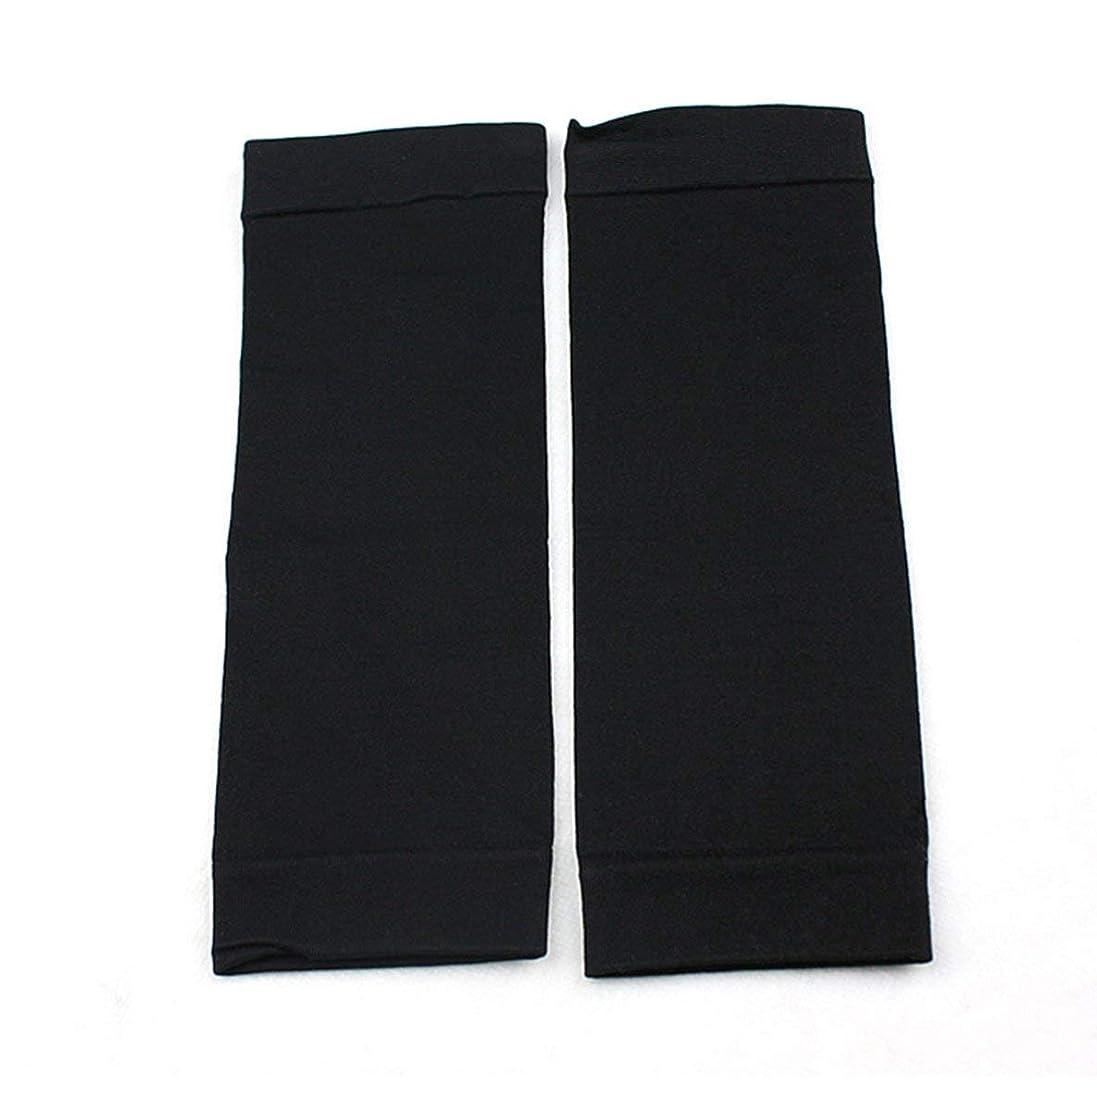 半導体矢じり睡眠1ペアウエストニッパーT高燃焼脂肪靴下圧縮レギンスレッグウォーマー圧力脂肪薄い脚パンツ燃焼脂肪ガード - ブラック